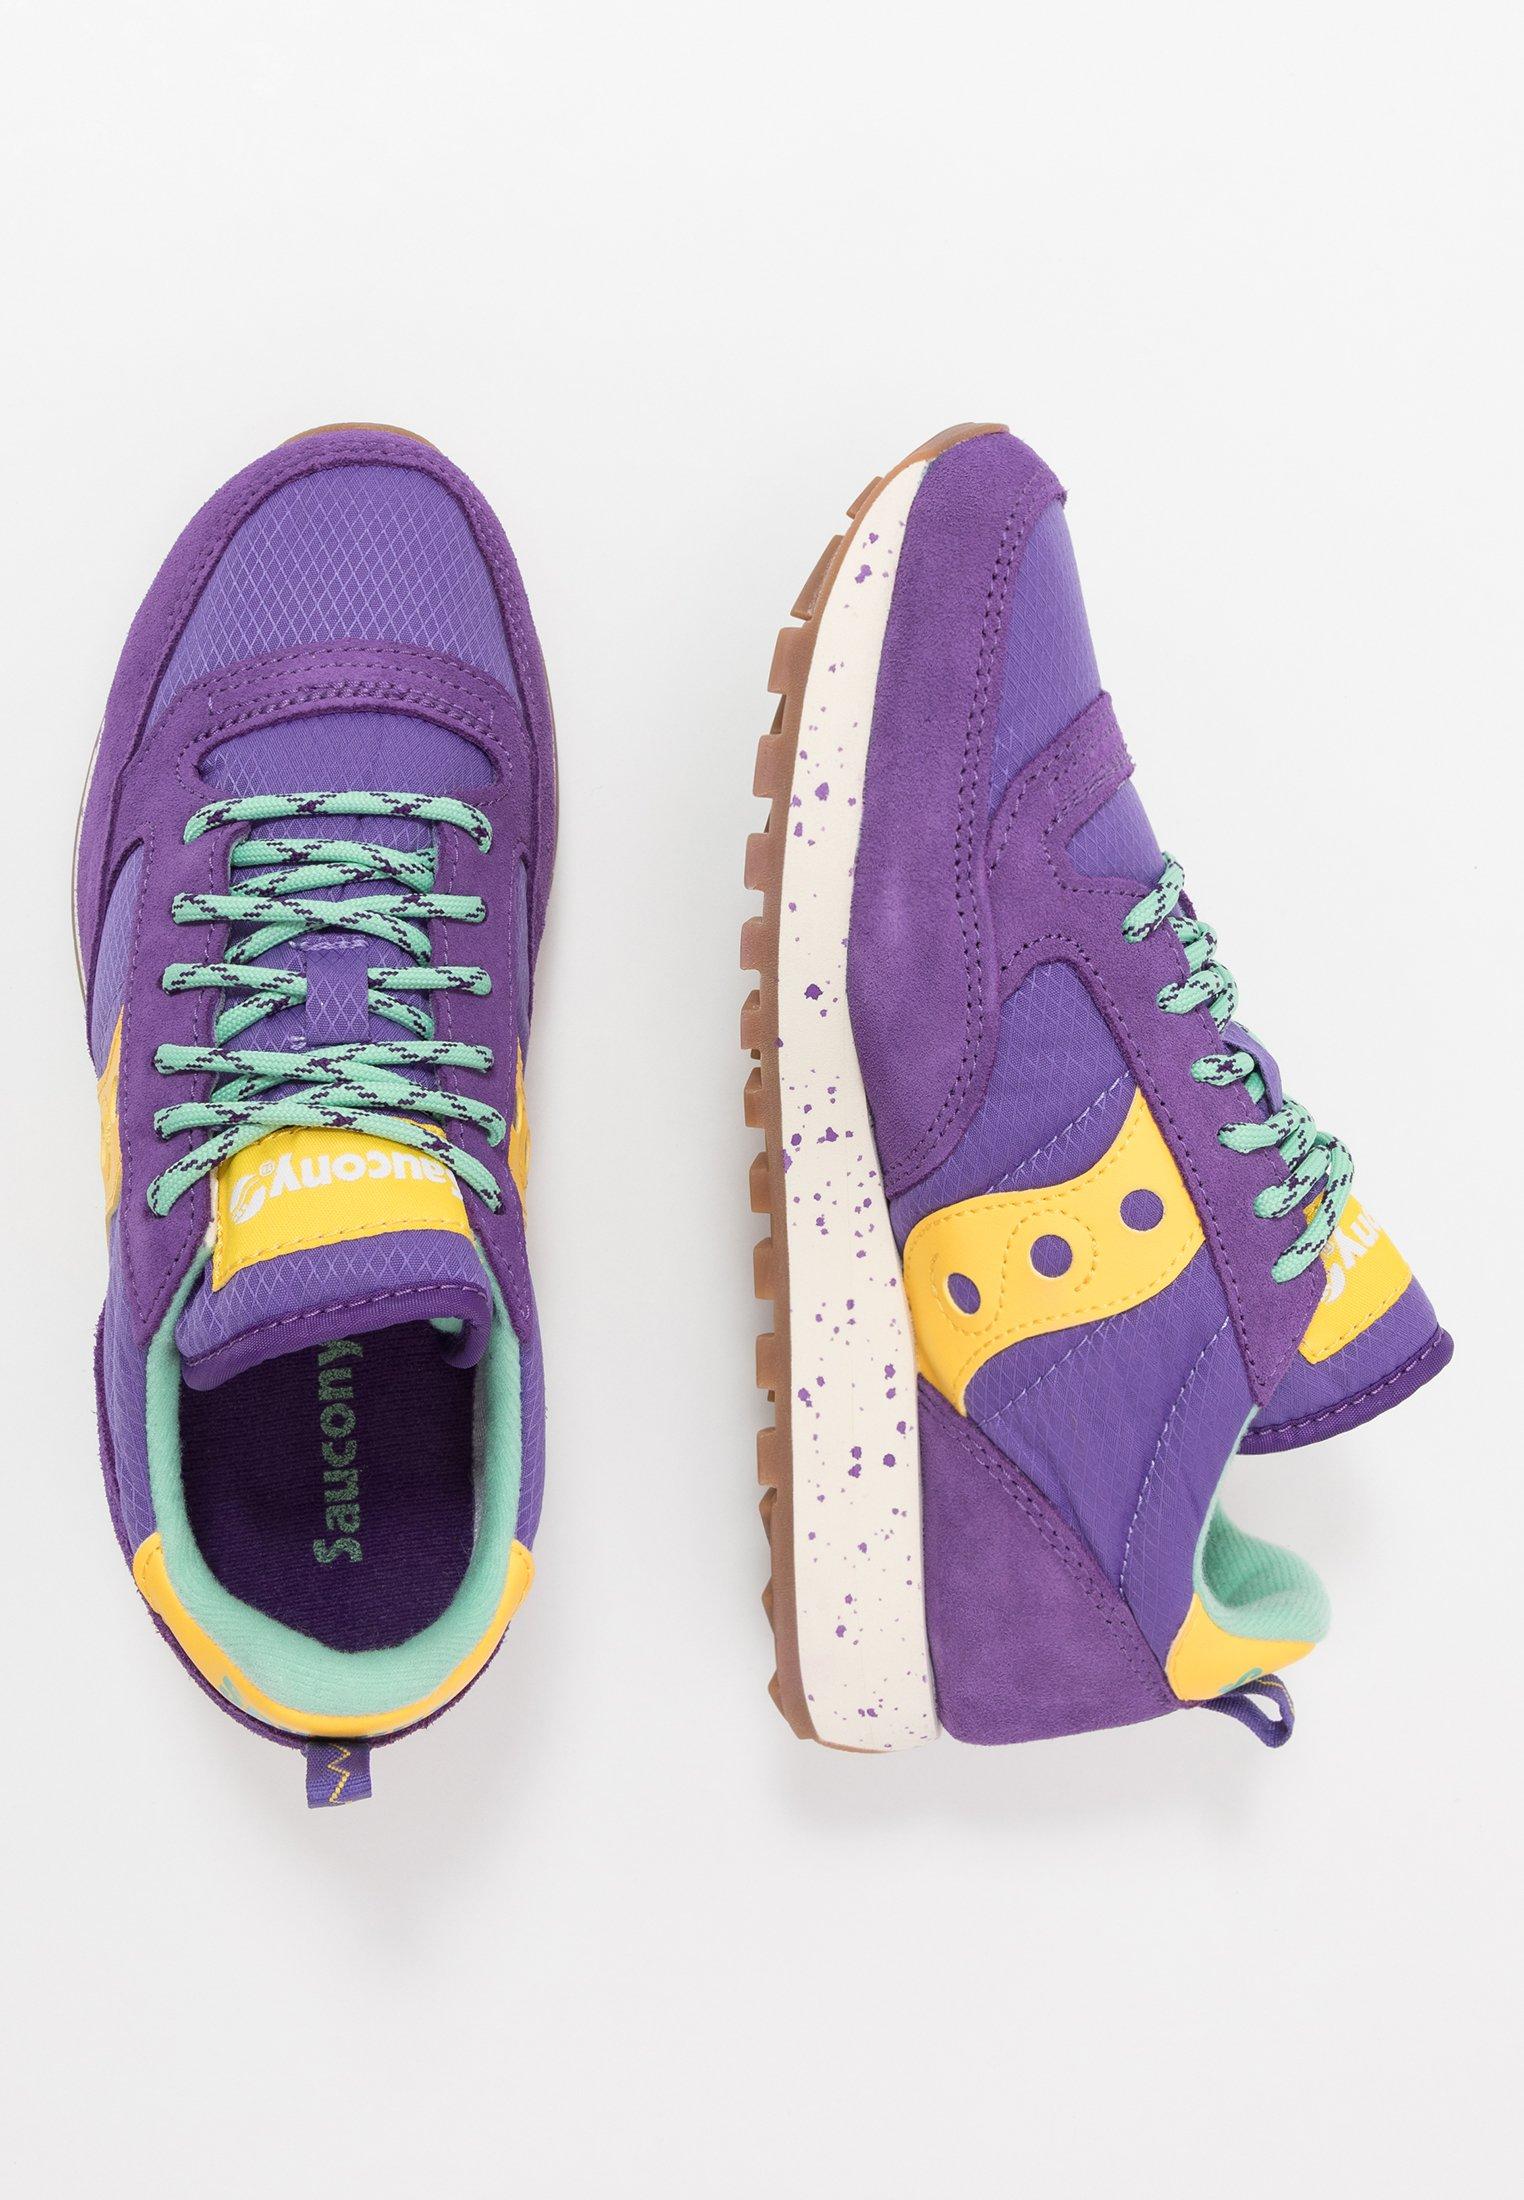 JAZZ ORIGINAL OUTDOOR Sneakers purpleyellow